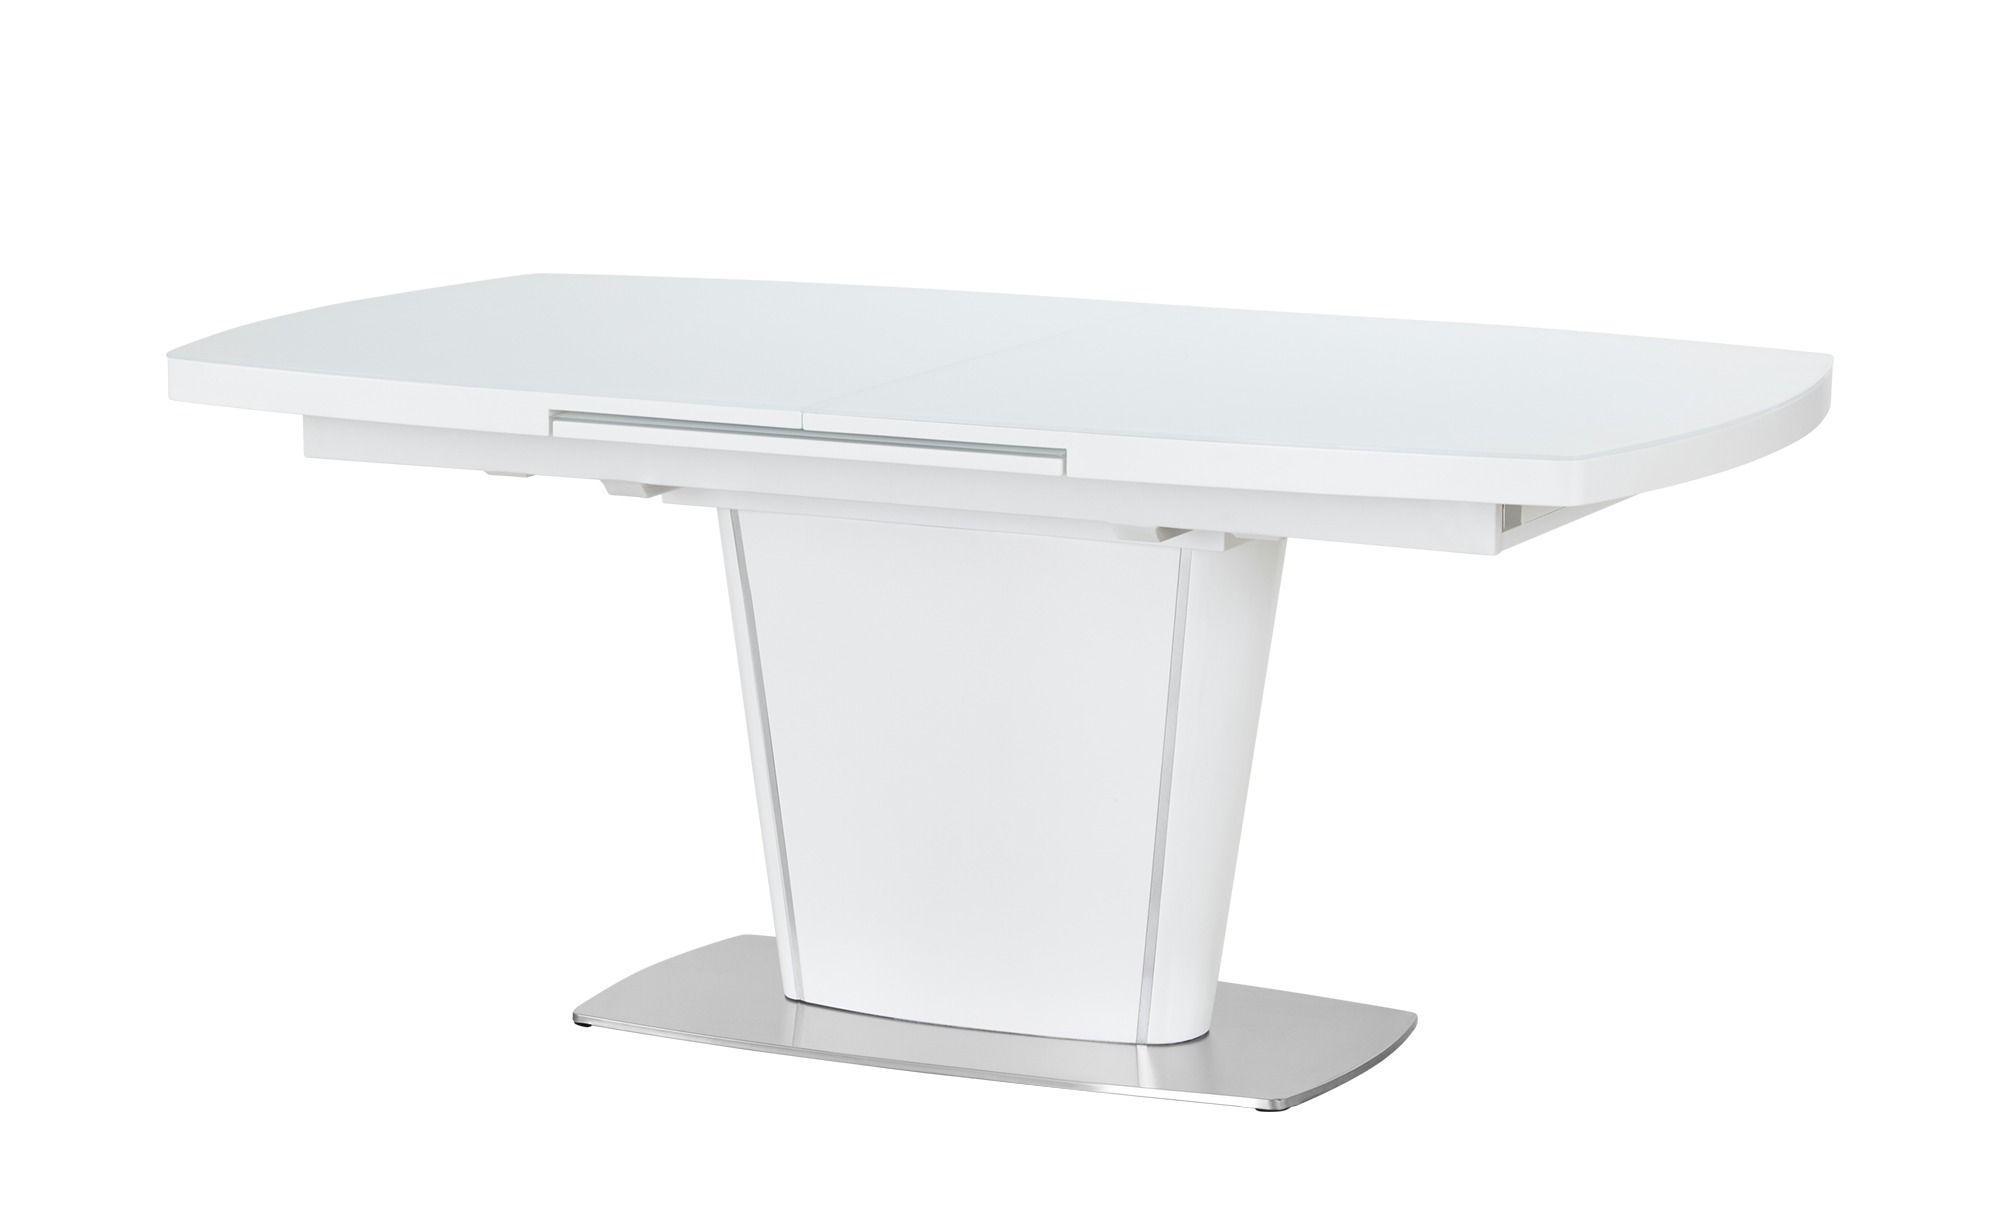 Esstisch Klein Weiß Ausziehbar